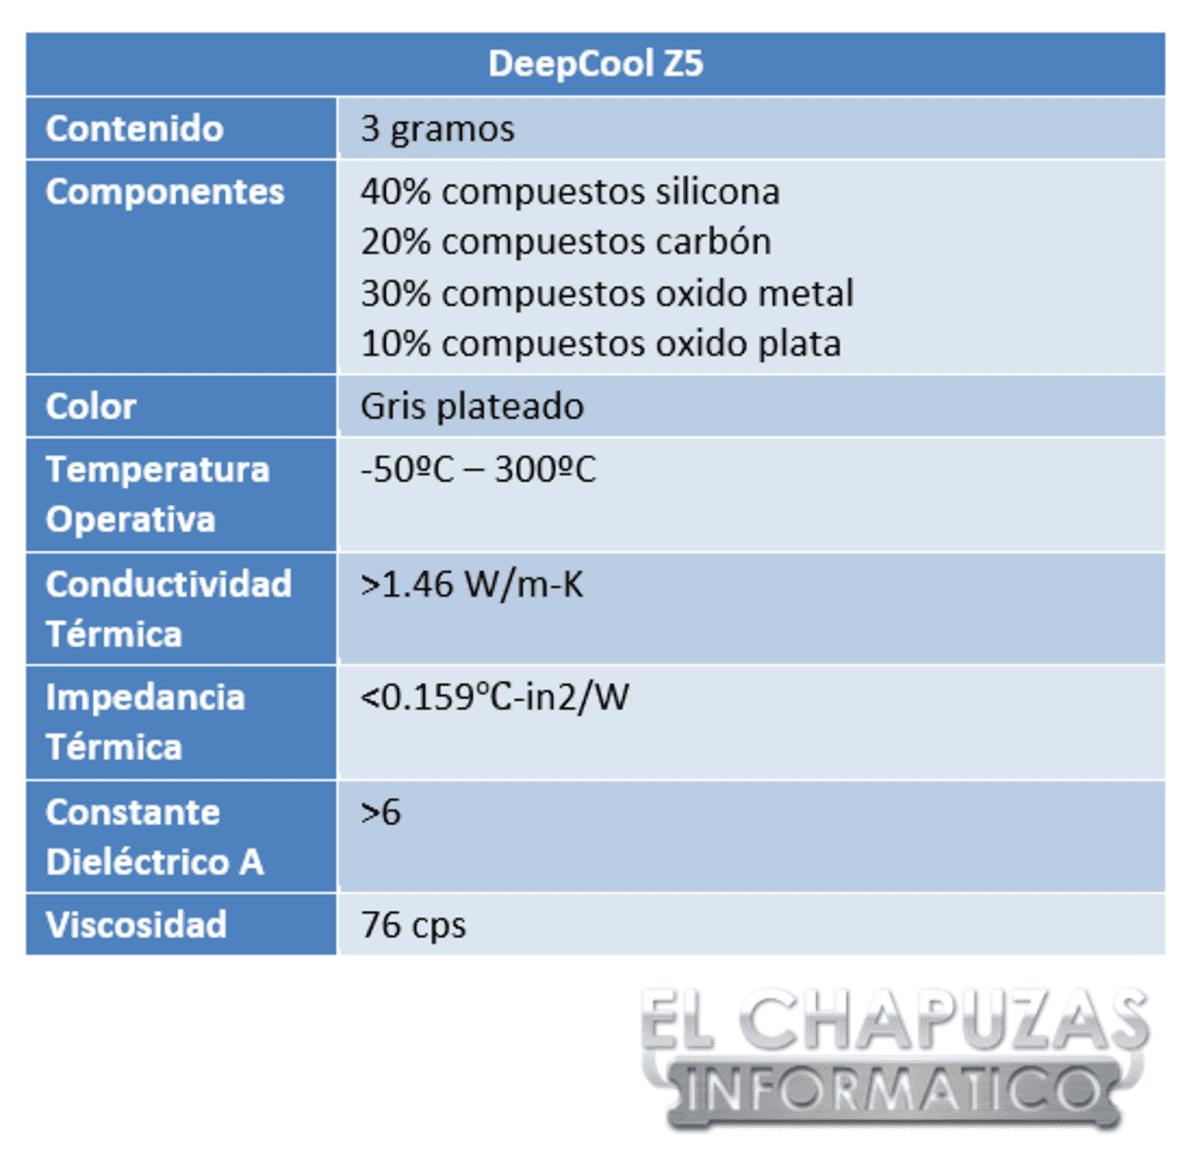 lchapuzasinformatico.com wp content uploads 2013 04 DeepCool Z5 Especificaciones 1